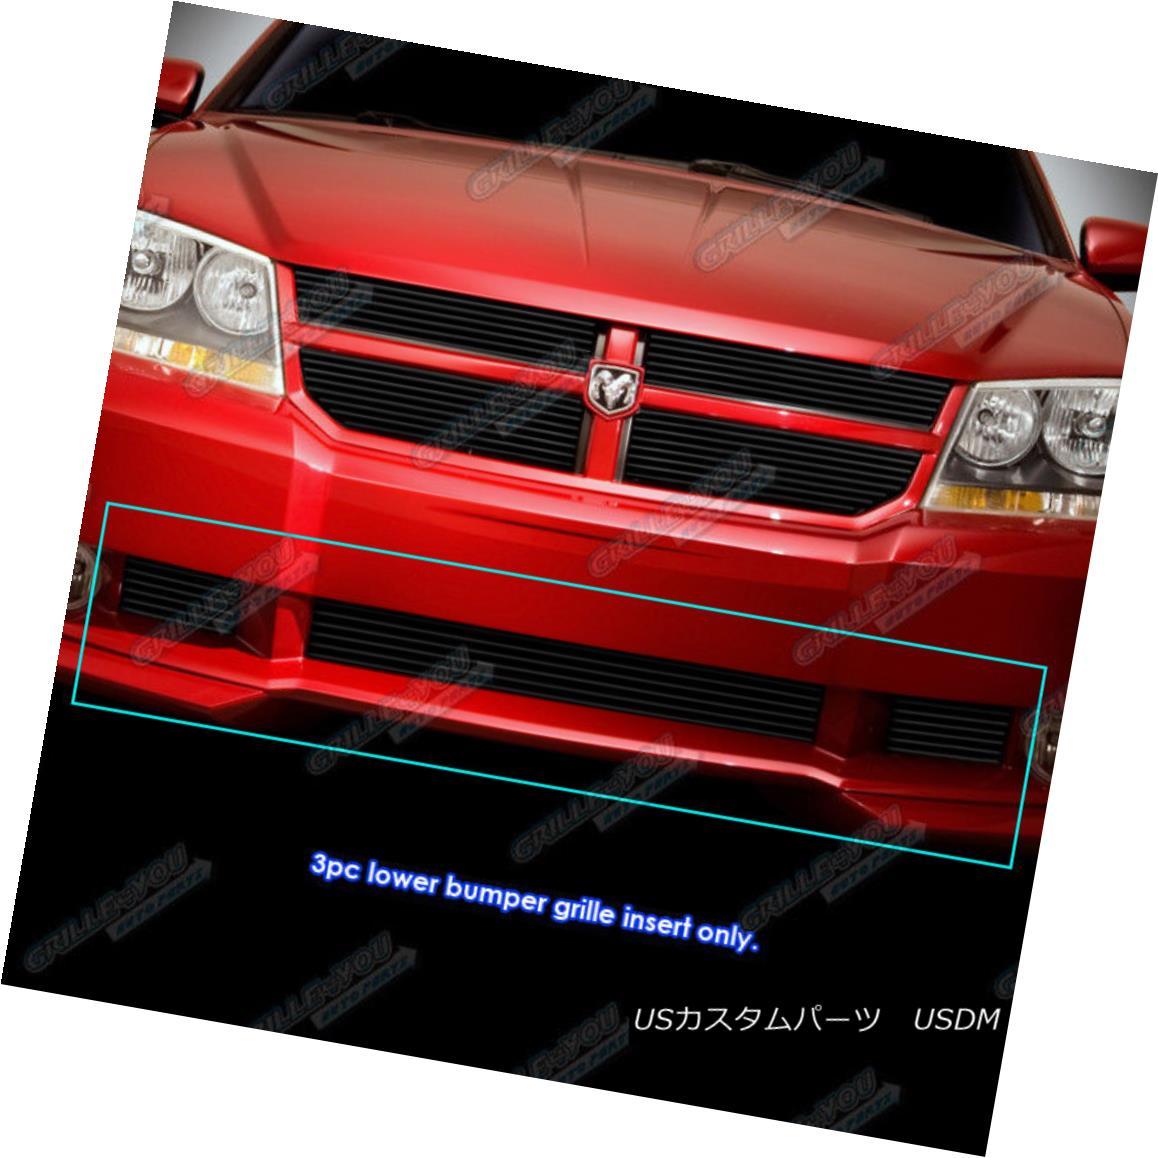 グリル Fits 2007-2010 Dodge Avenger SXT Bumper Black Billet Grille Grill Insert フィット2007-2010ダッジアヴェンジャーSXTバンパーブラックビレットグリルグリルインサート